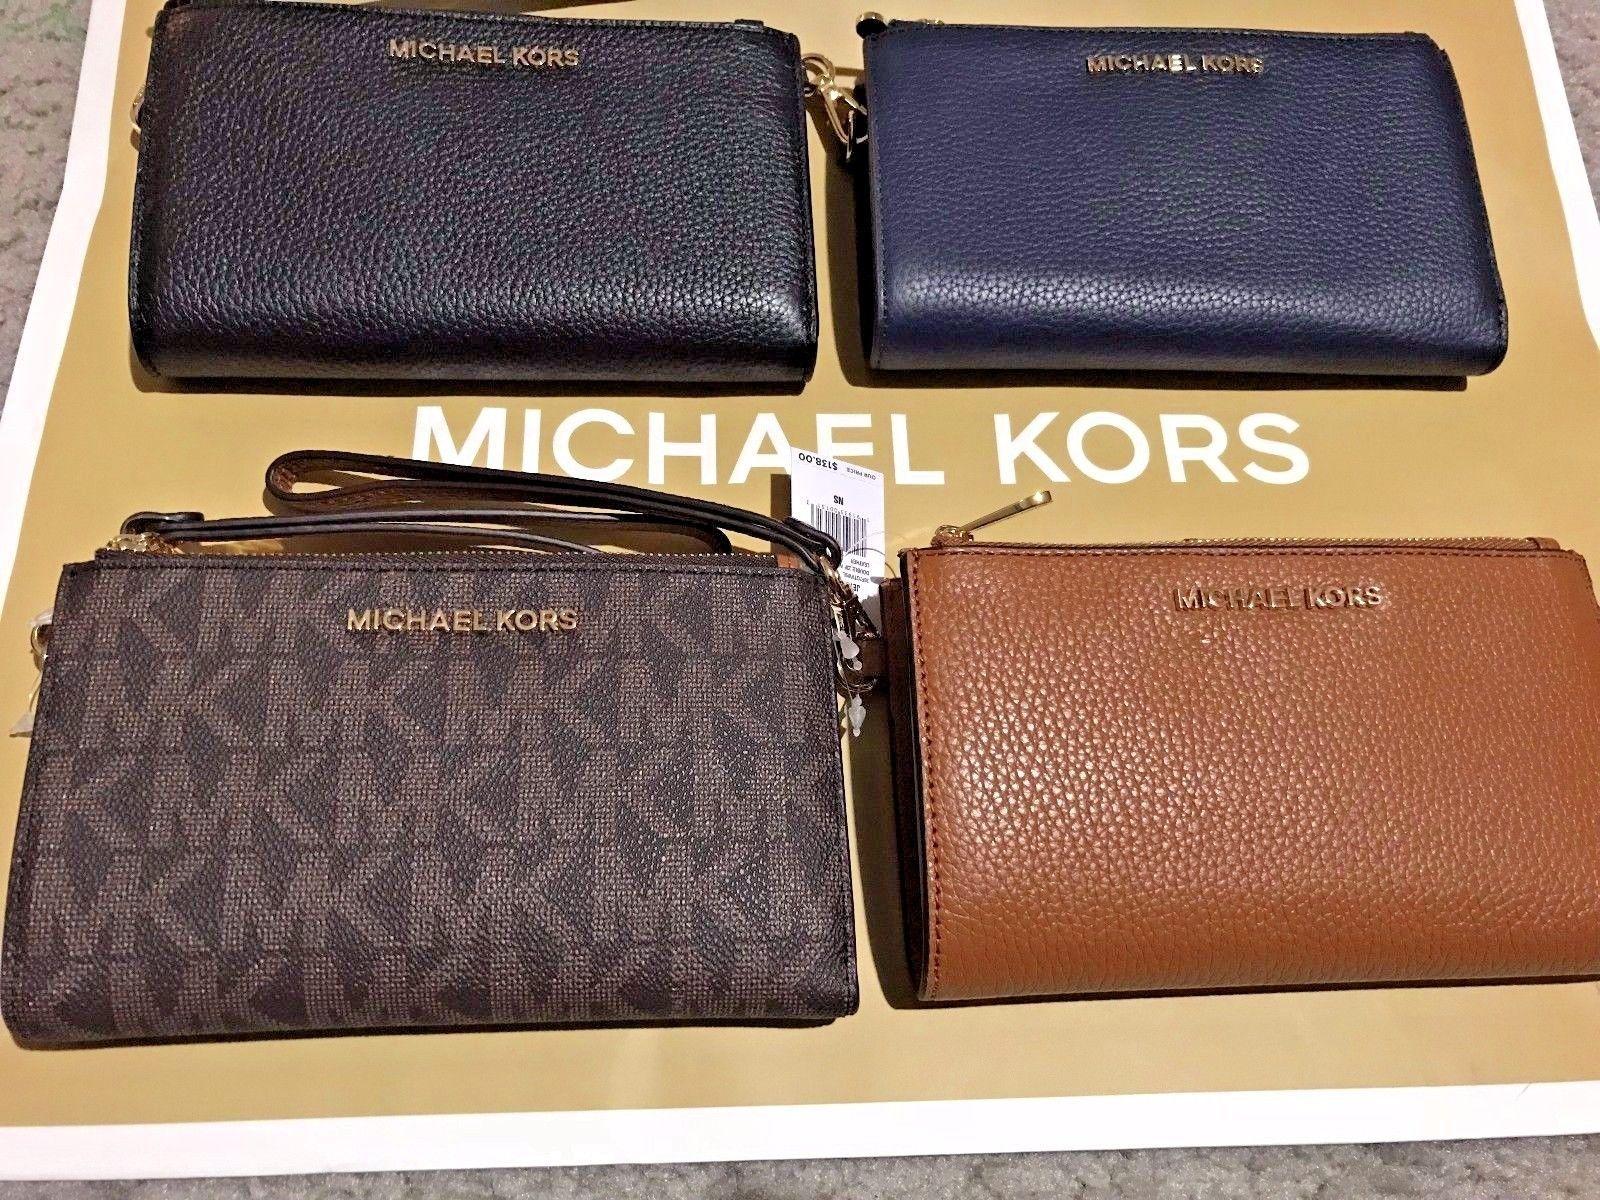 78fe4082737e S l1600. S l1600. Previous. NWT Michael Kors Leather PVC Jet Set Travel  Double Zip Wallet Wristlet ...